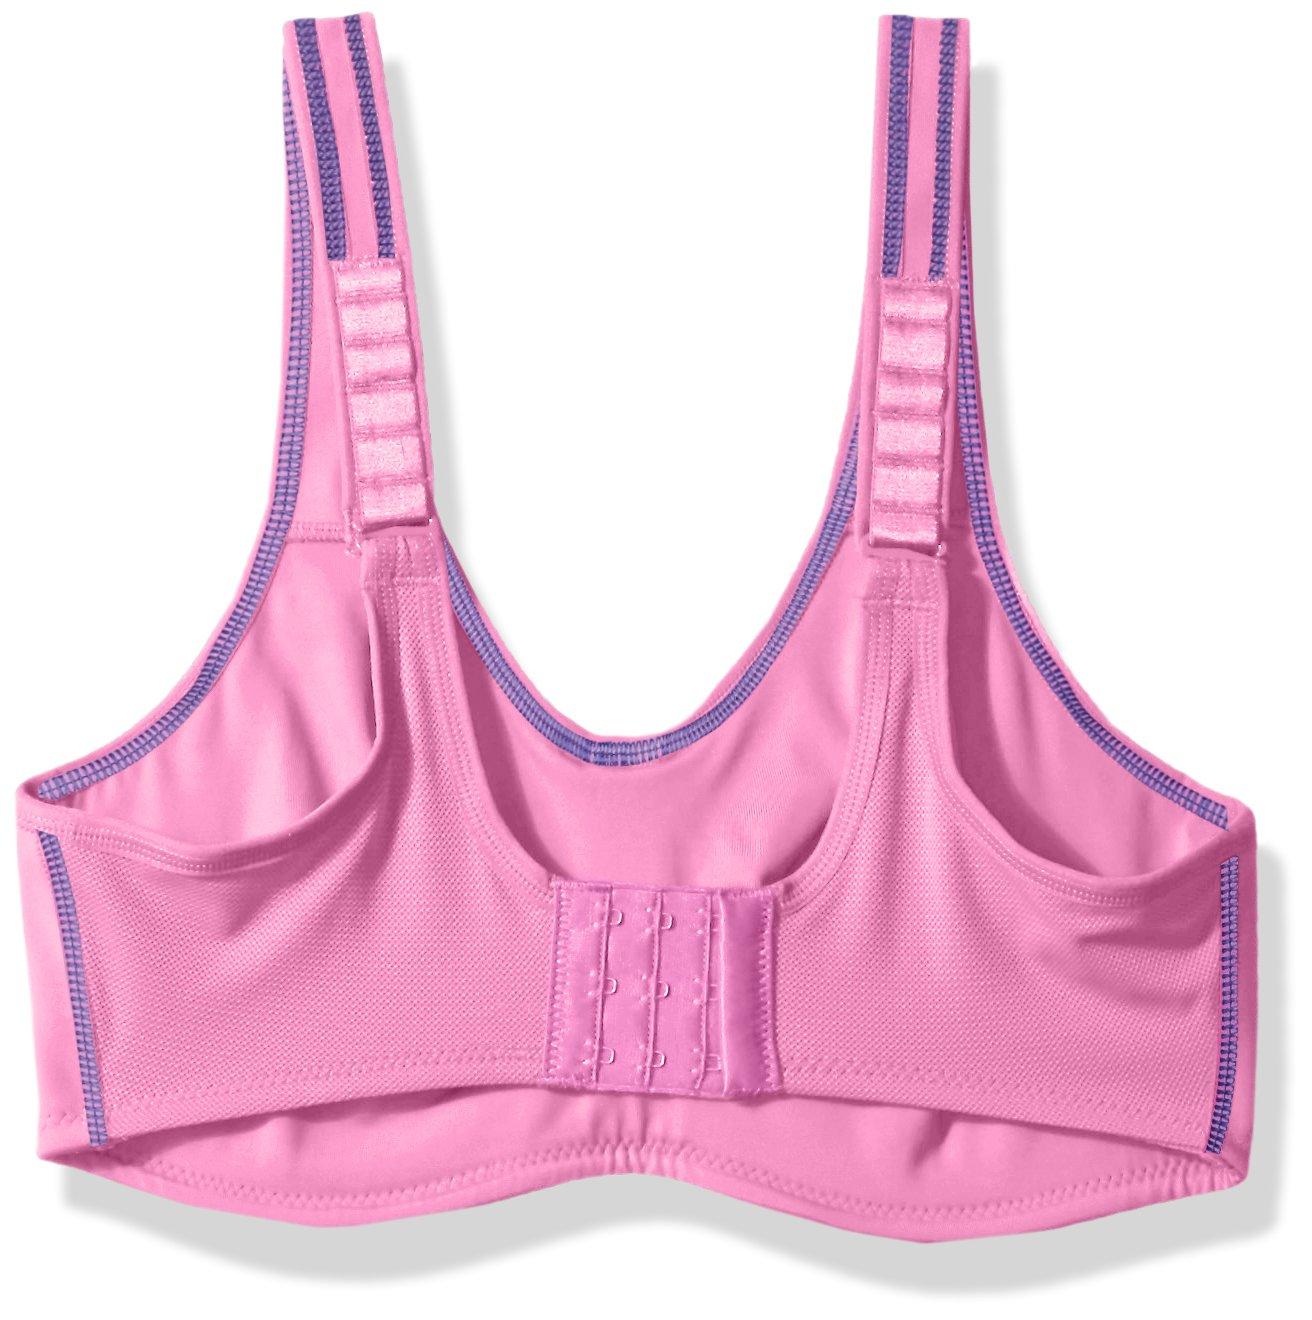 Wacoal Women's Plus Size Sport Underwire Bra, Haute Berry/Deep Ultramarine by Wacoal (Image #2)